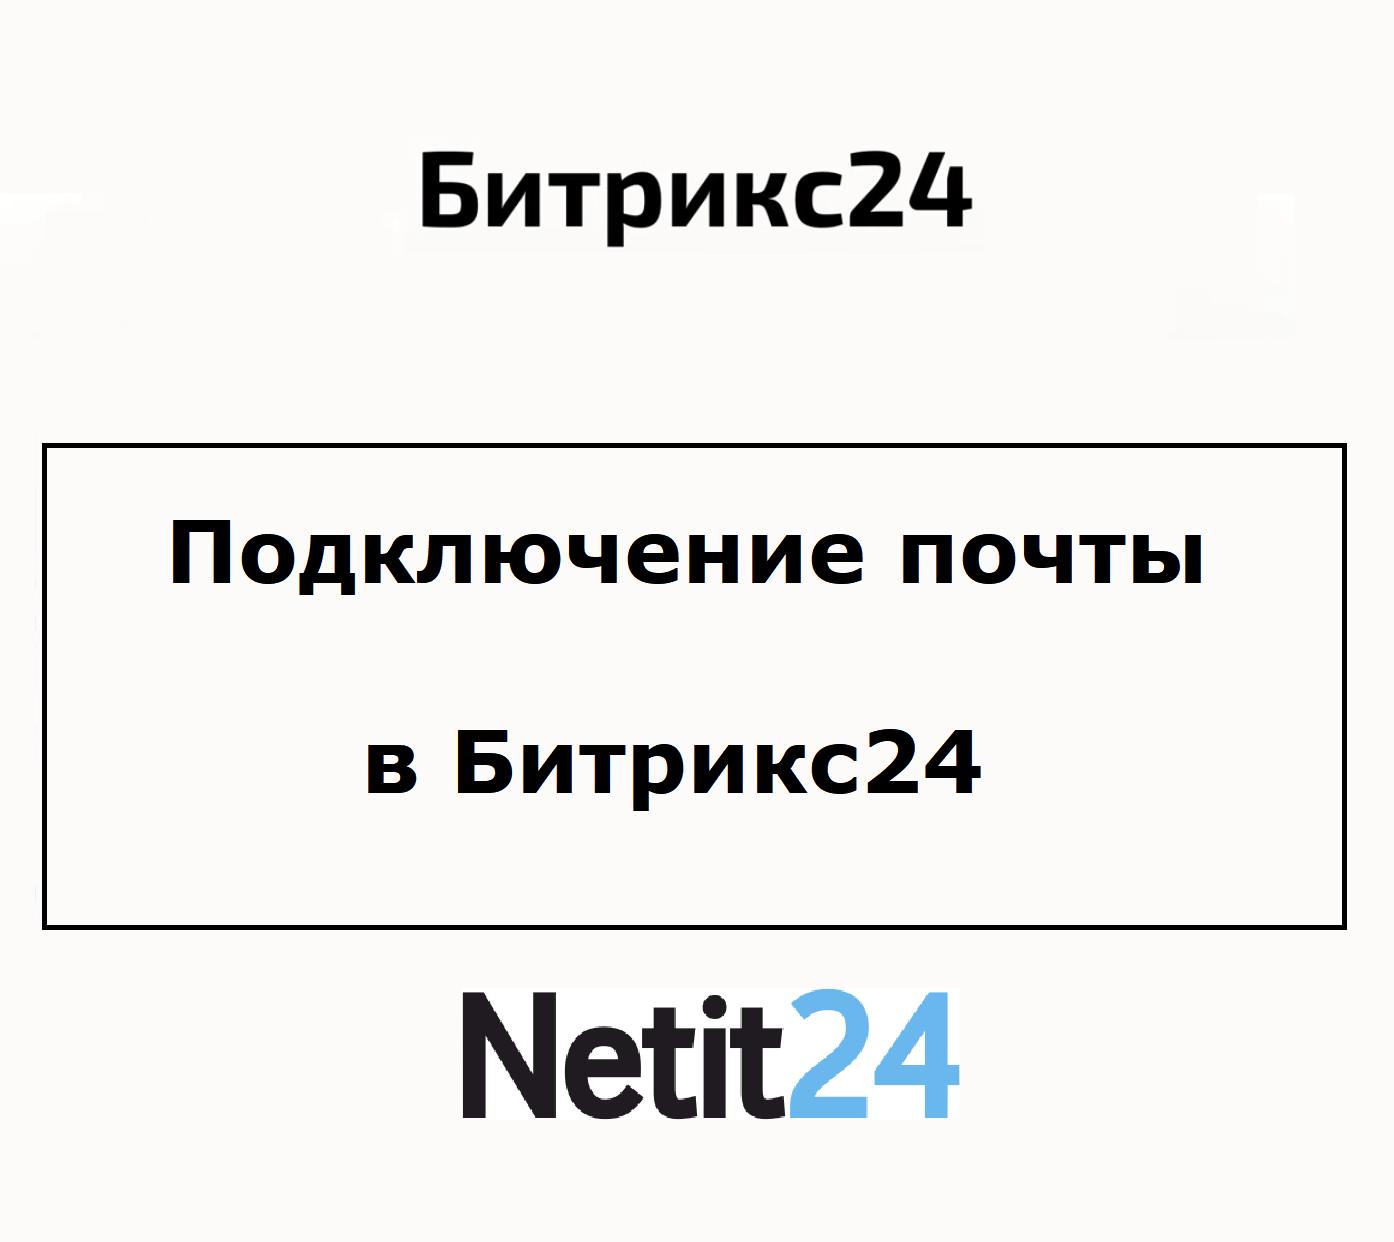 как подключить почтовый ящик в Битрикс24 Netitt24